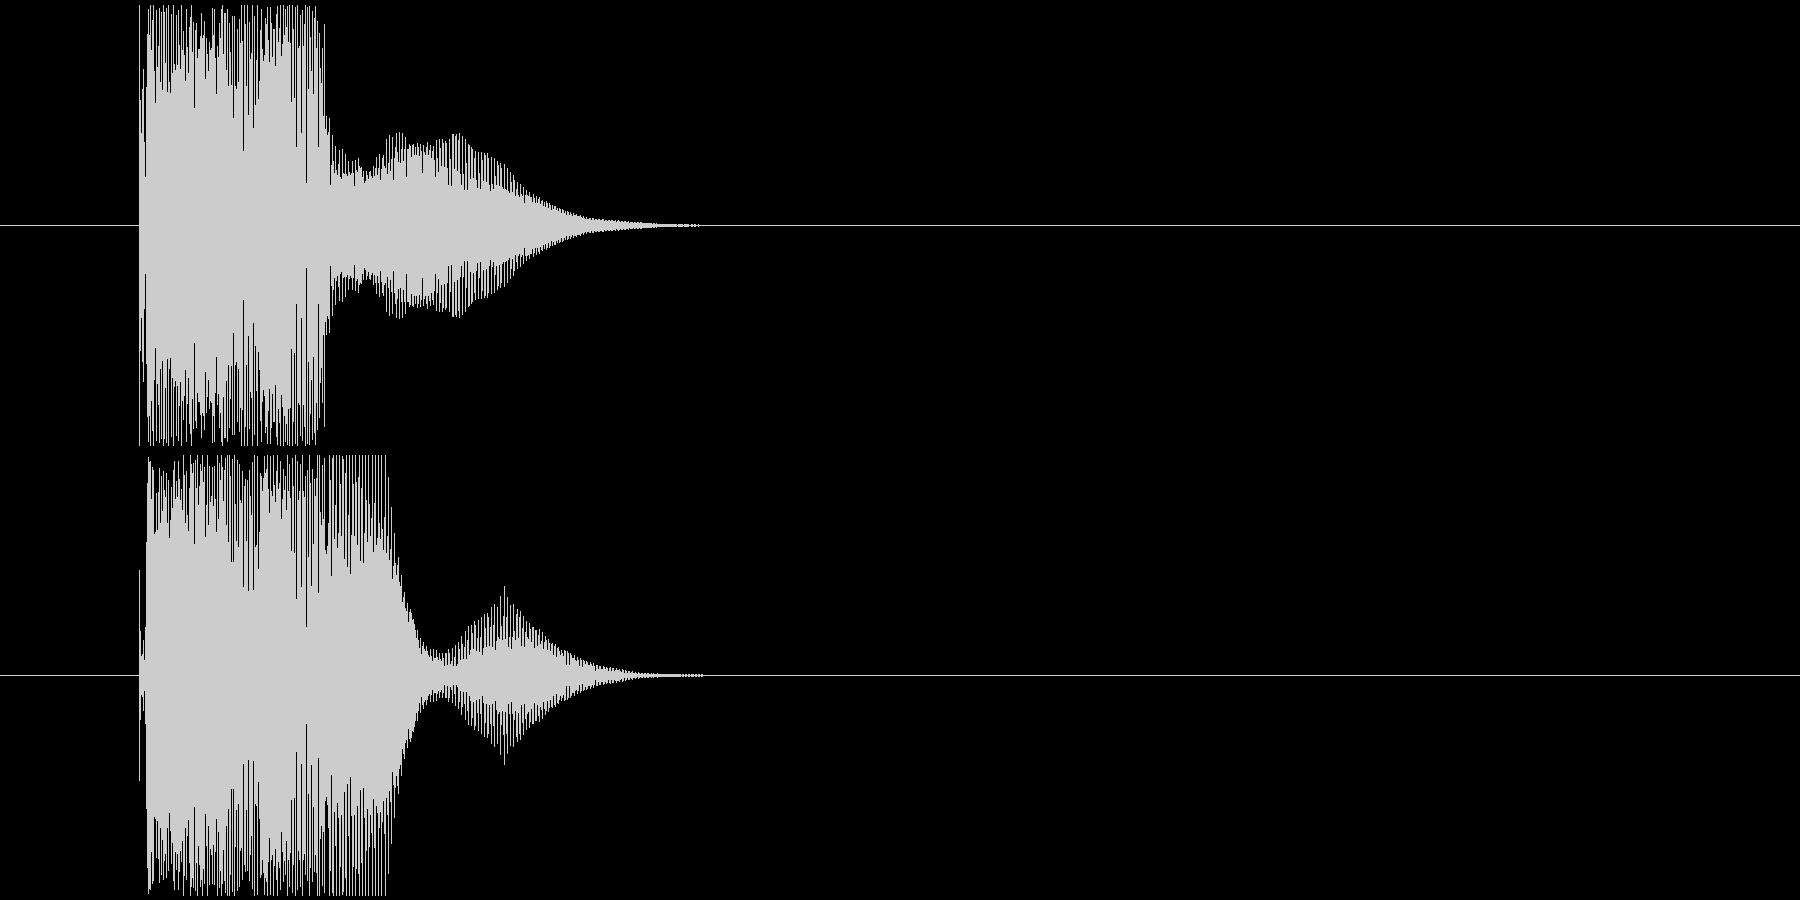 タイムカウント音の未再生の波形